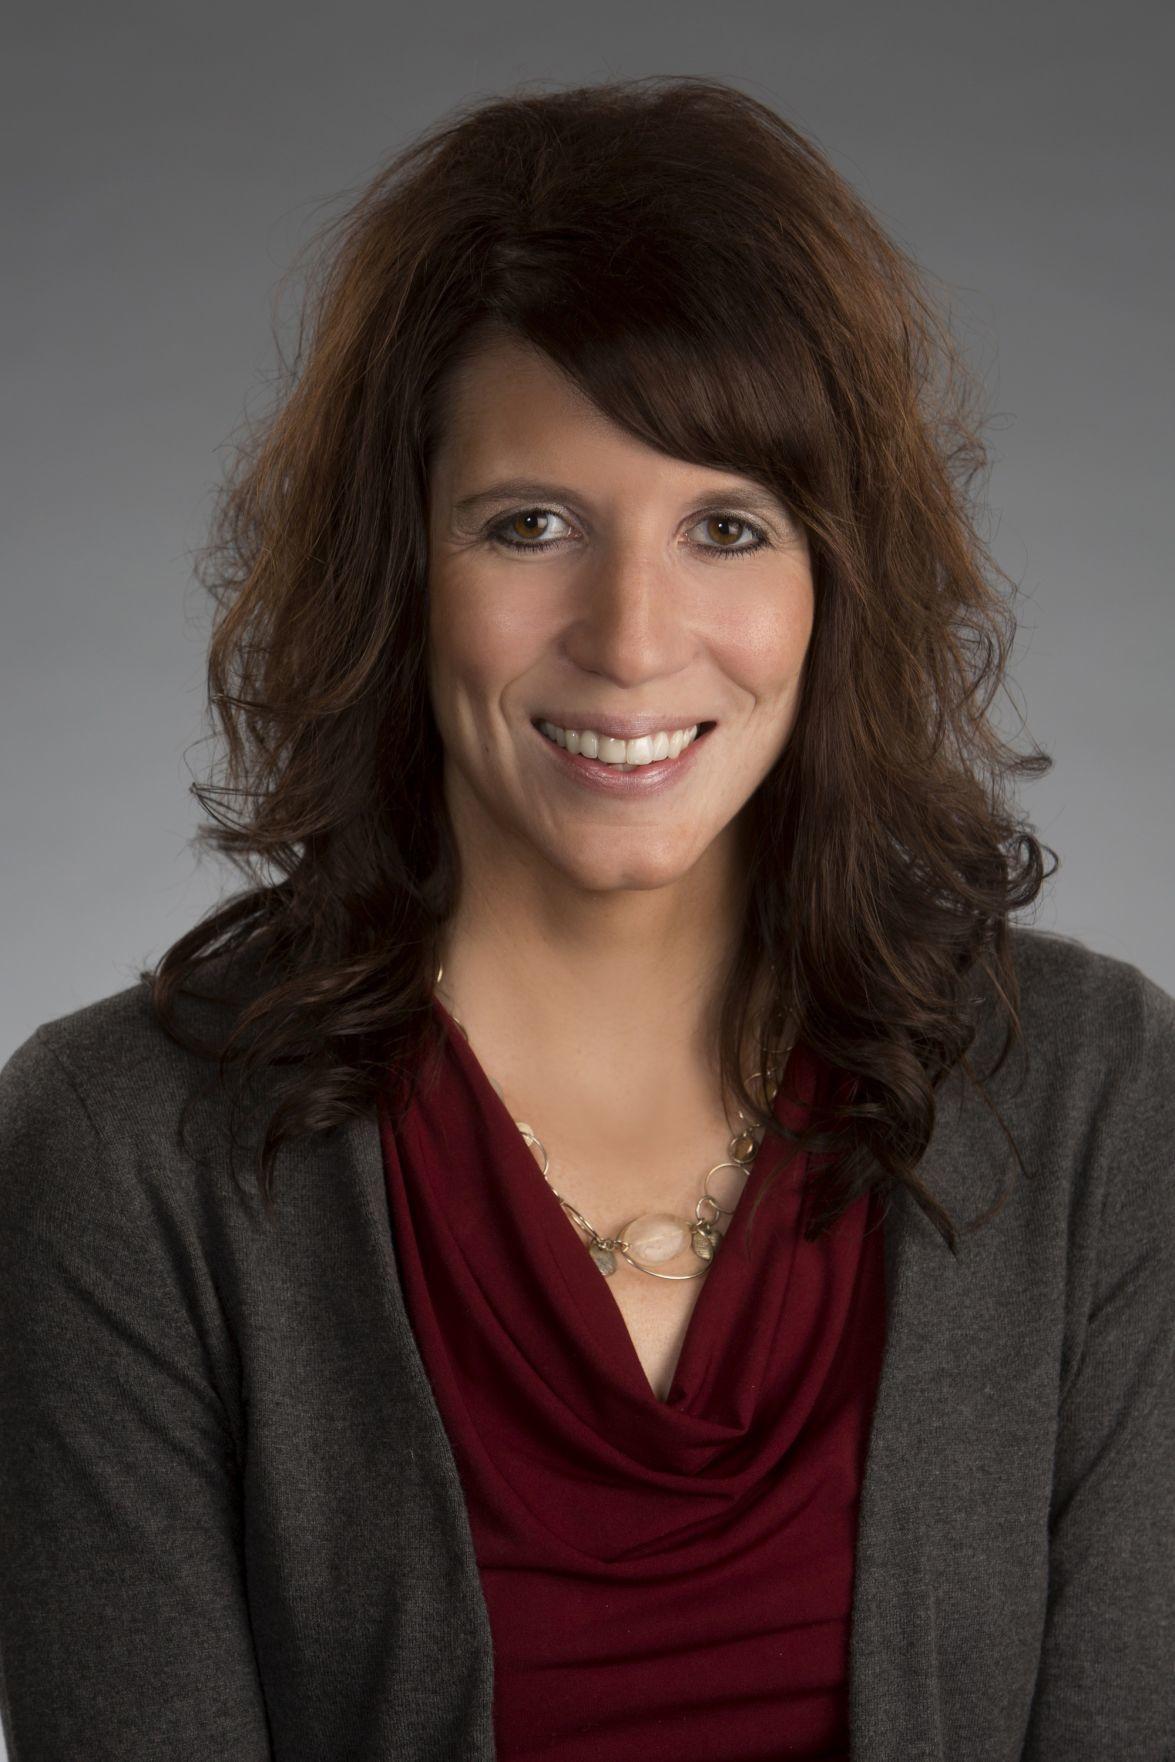 Brenda Connelly